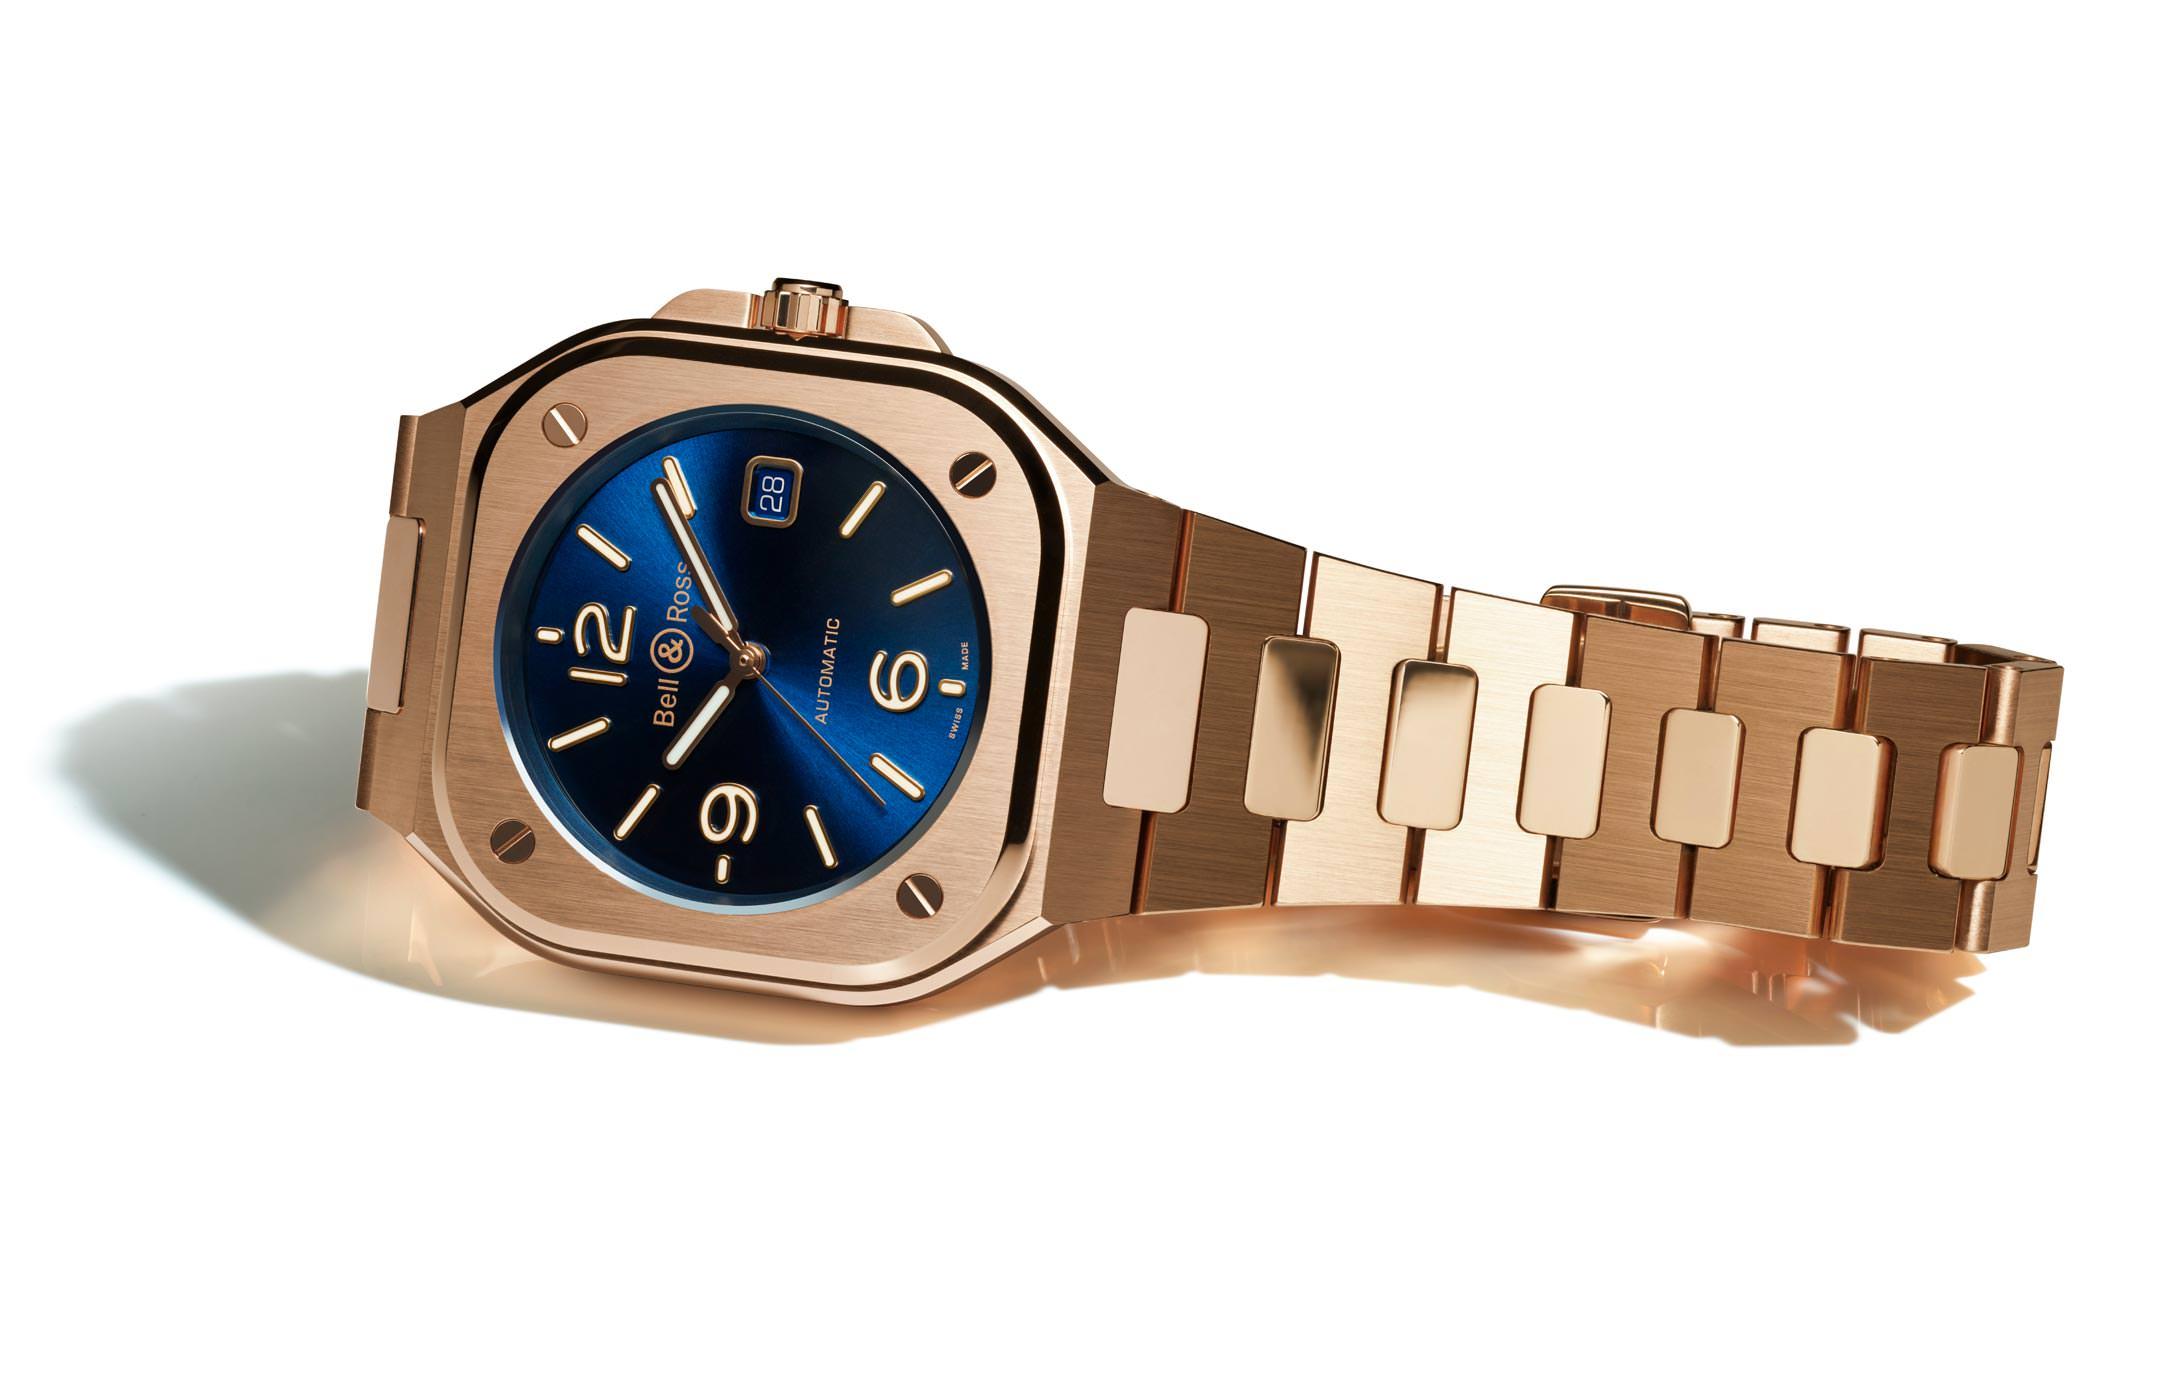 Bell & Ross Nouveaux Modèles BR05 Automatic Gold & Blue, Gold Bracelet